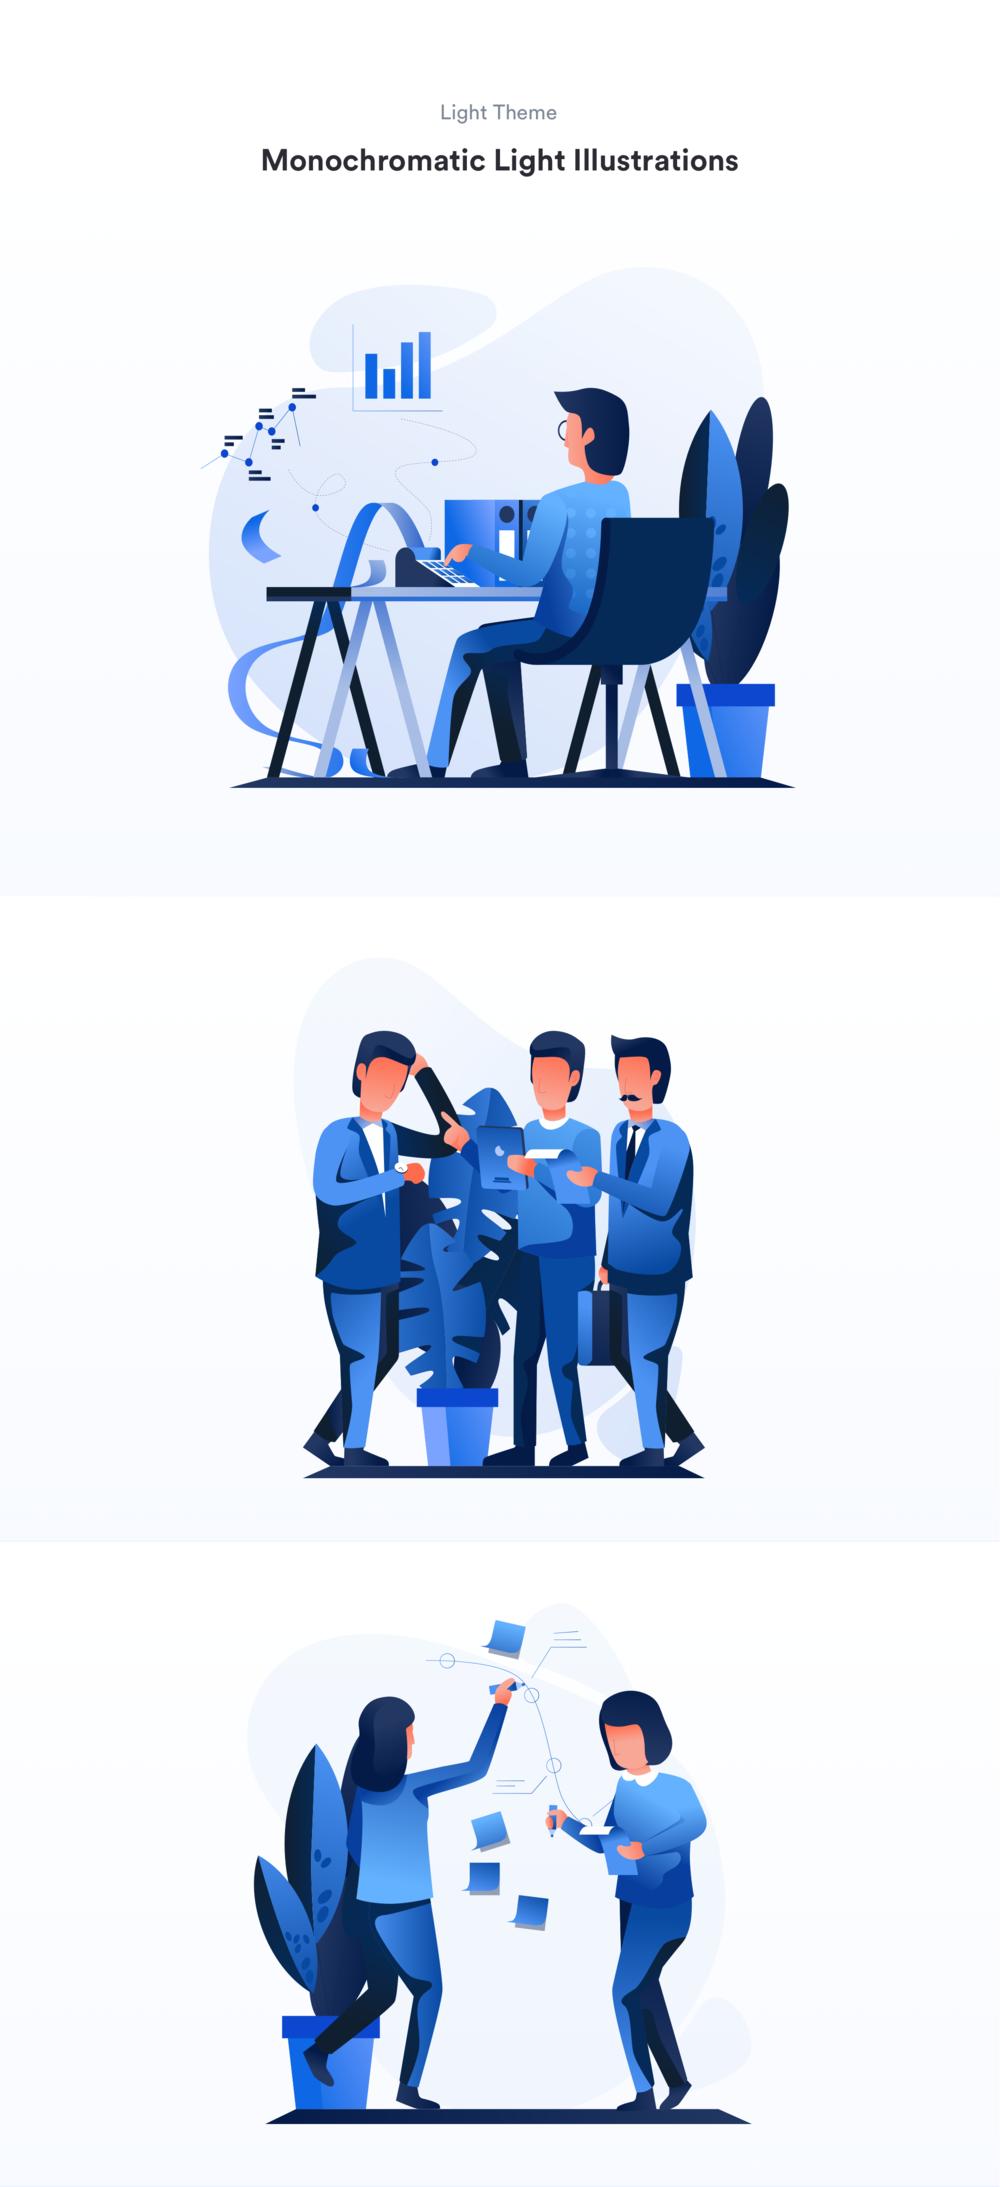 移动版网页版工作和办公室插图包 UI界面-第9张